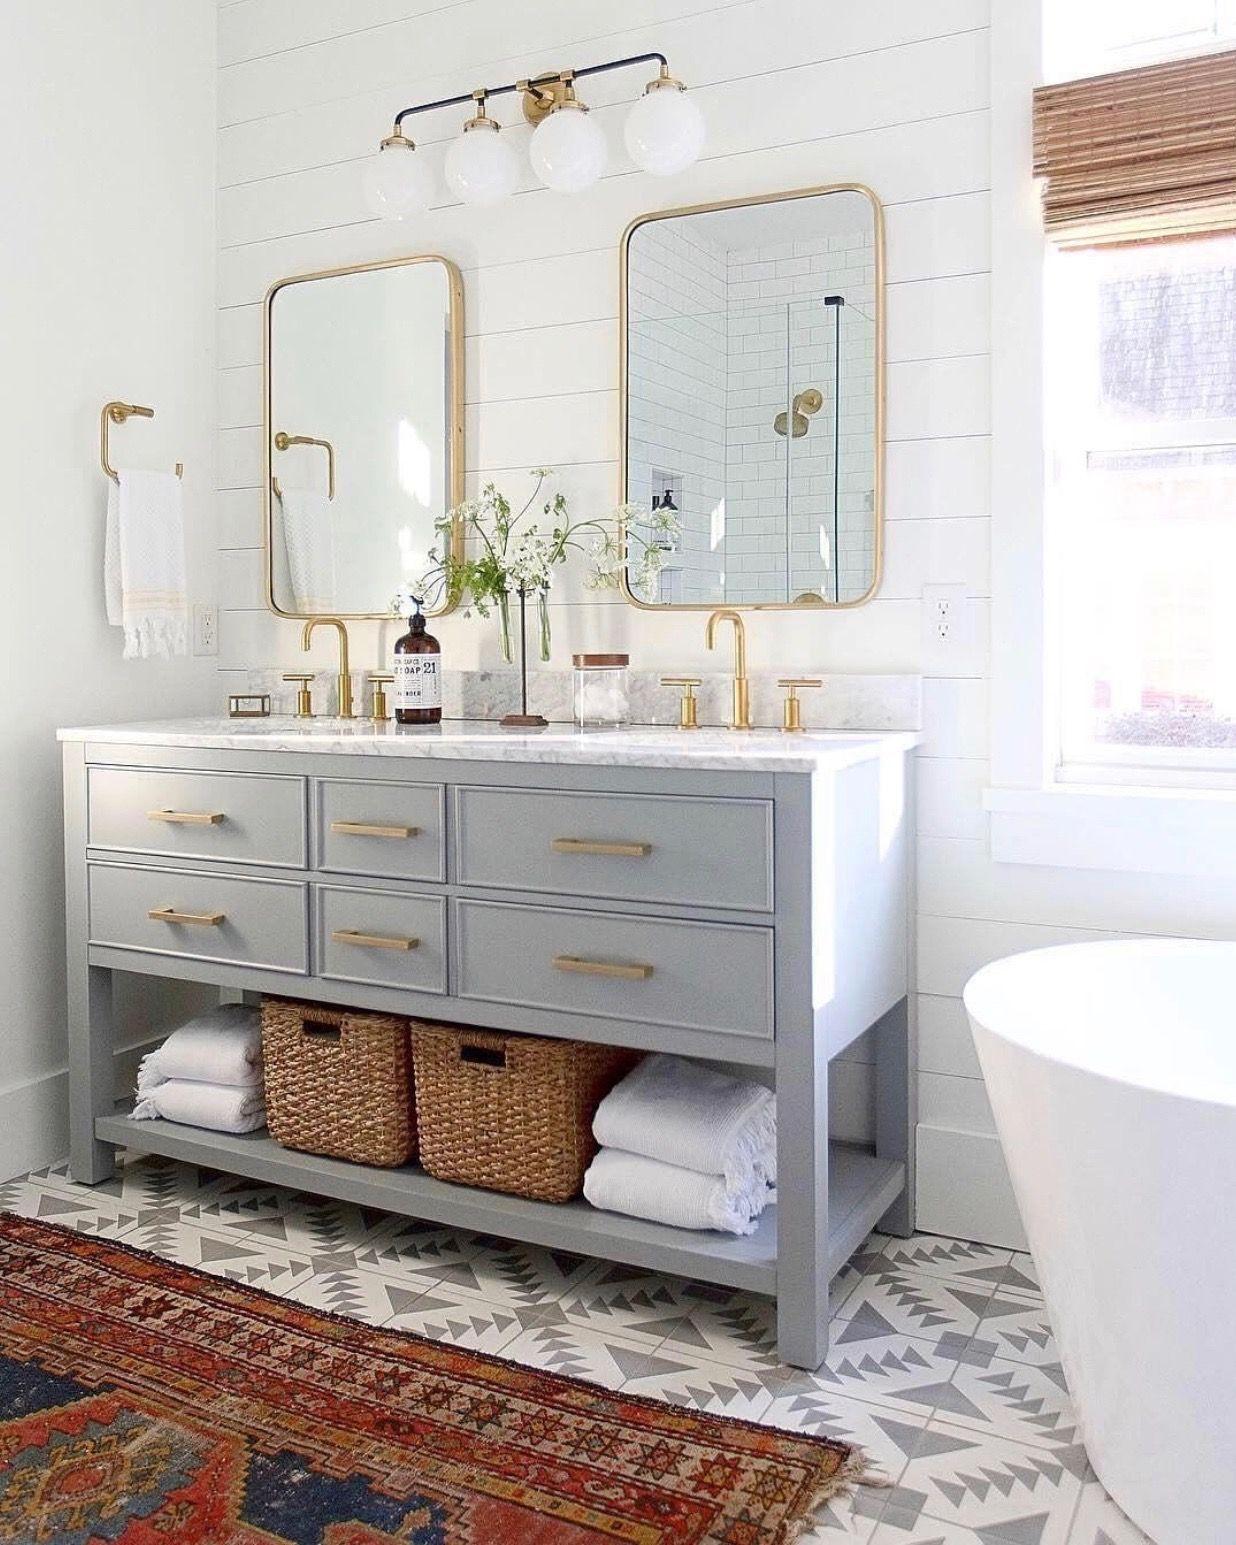 6a9986c08b3014646c41ec1be3cf1e75 Jpg 1 236 1 545 Pixels Bathroom Inspiration Decor Bathroom Inspiration Modern Bathroom Inspiration